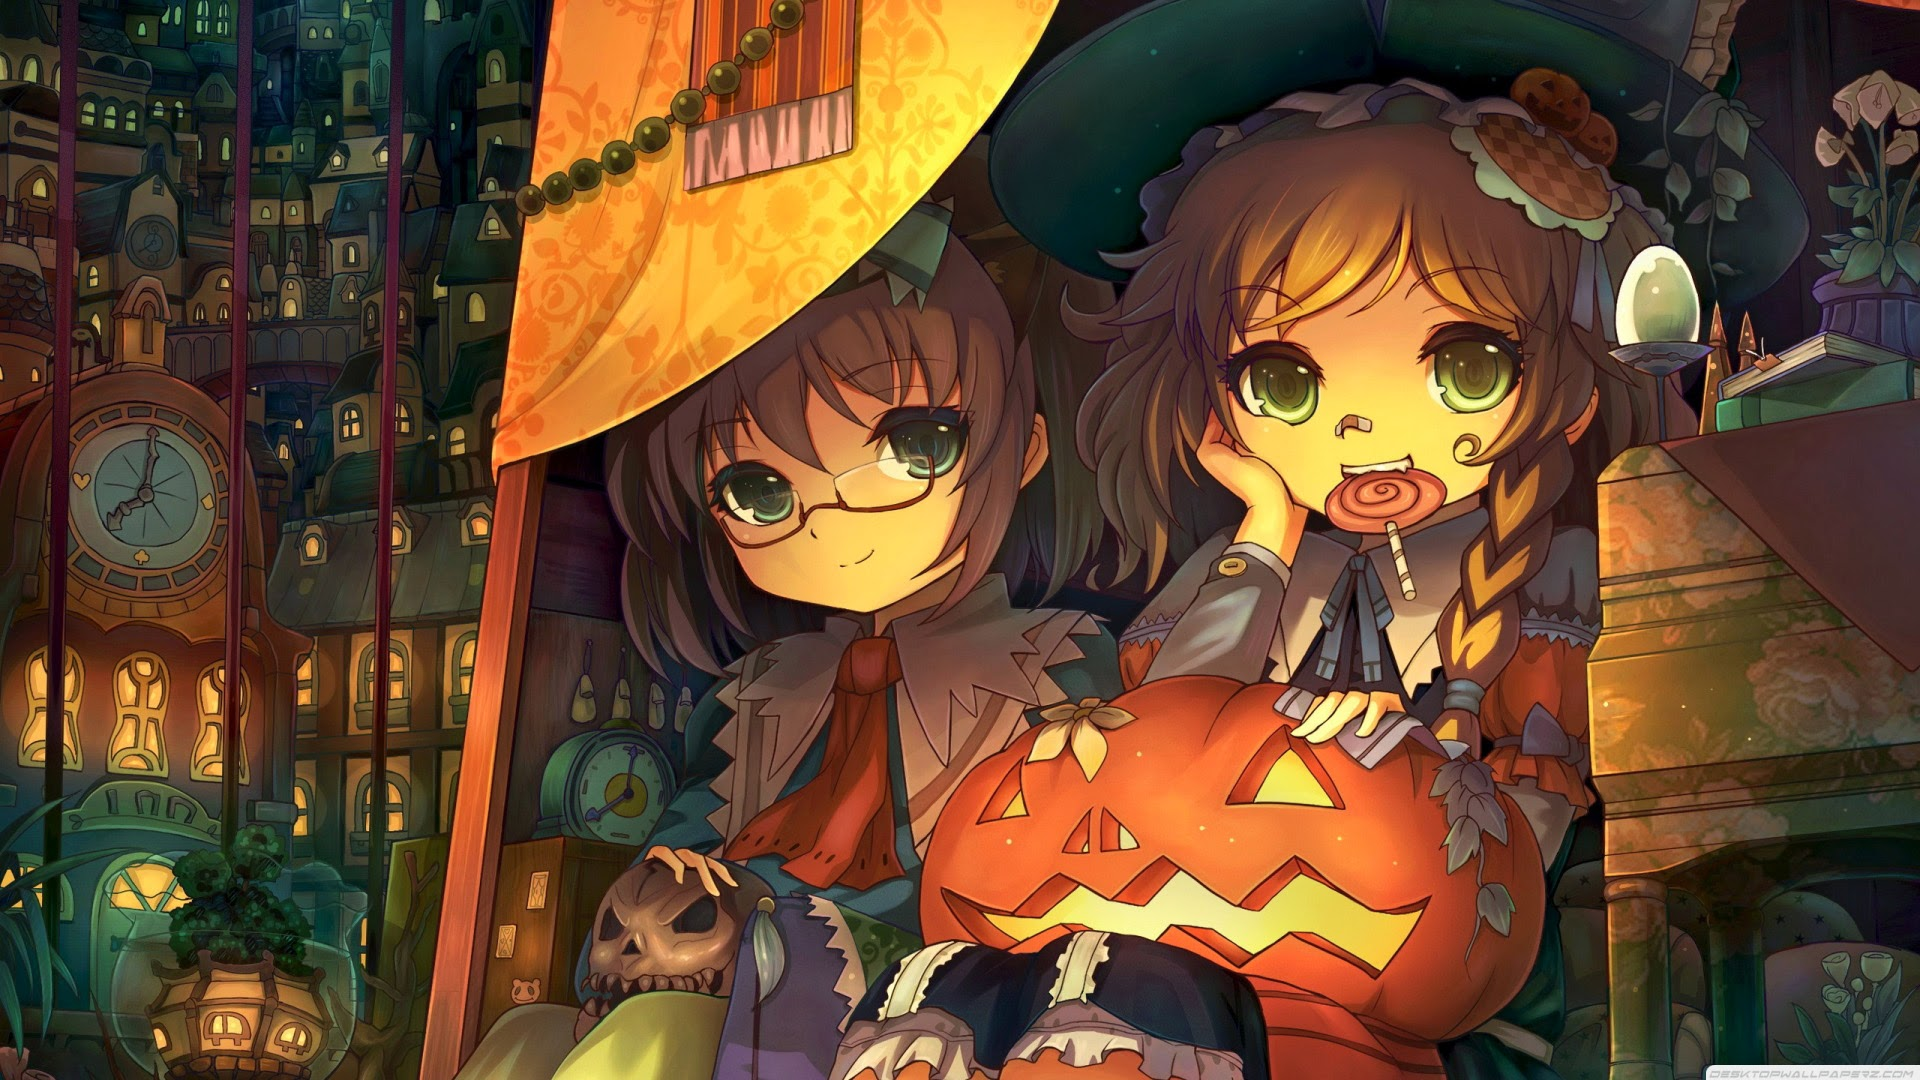 cute anime girls pumpkin lantern halloween wallpaper hd 1920x1080 a160 .